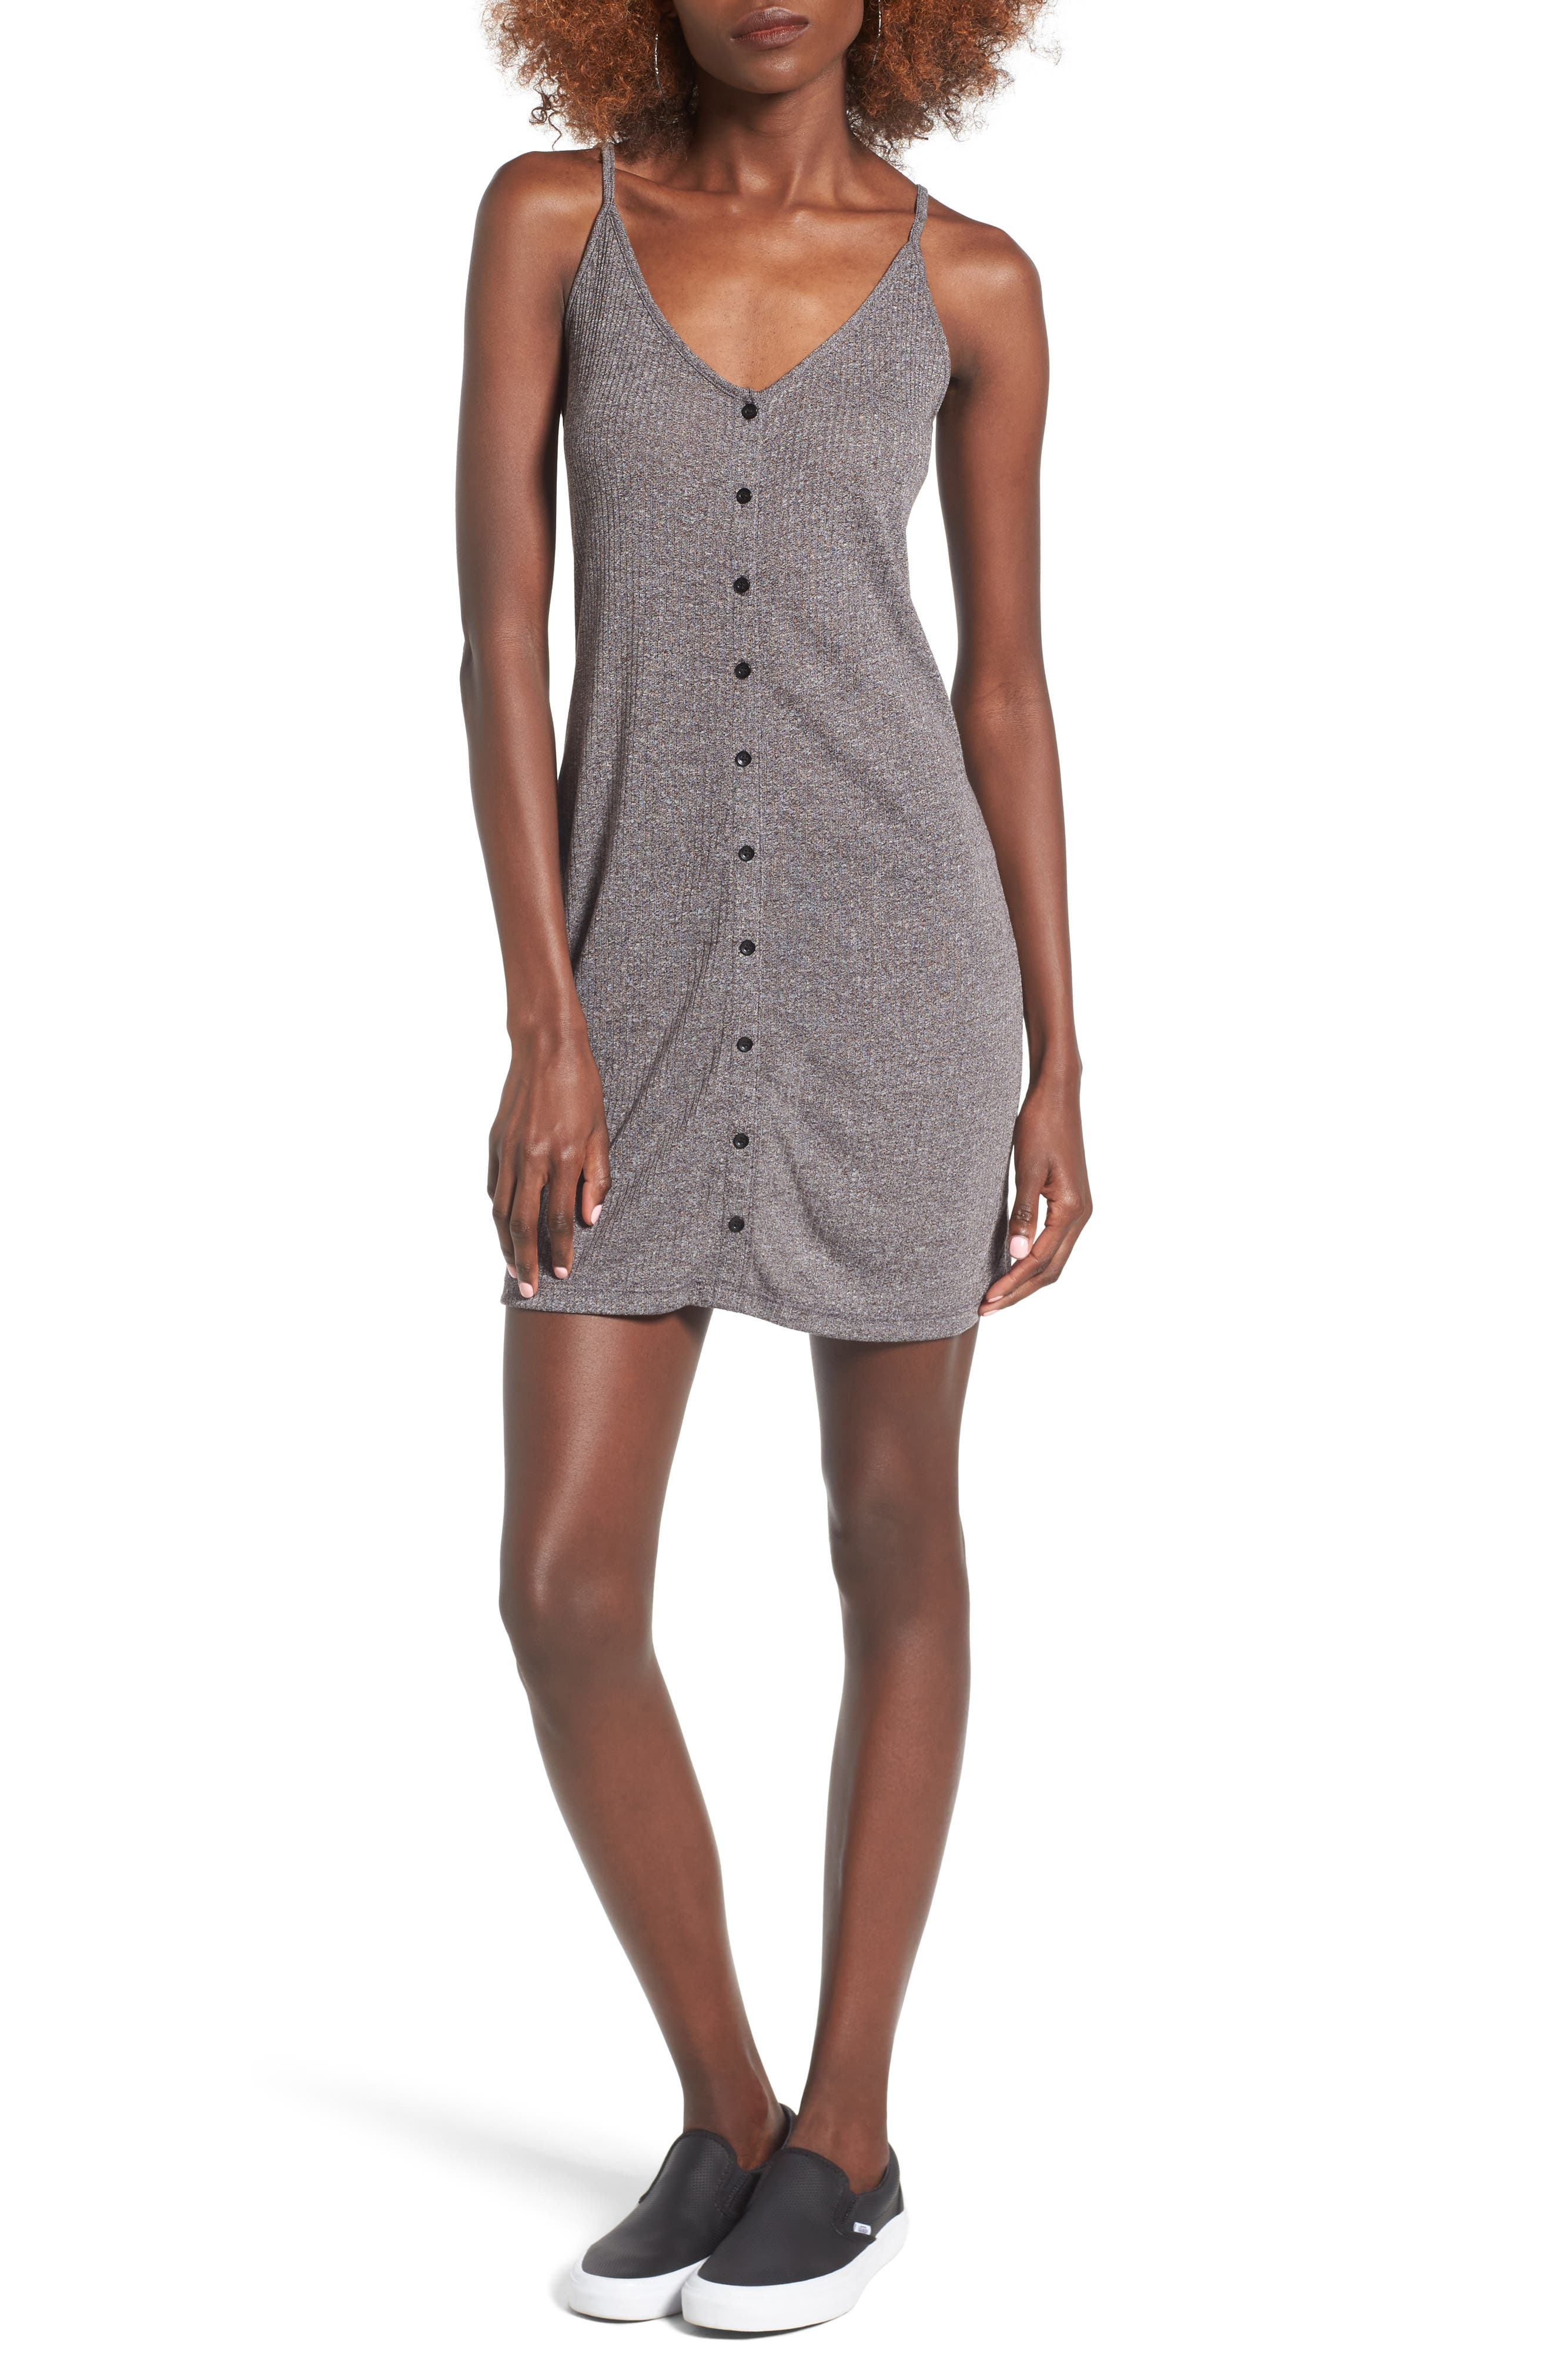 Barbados Rib Knit Dress,                         Main,                         color, 020